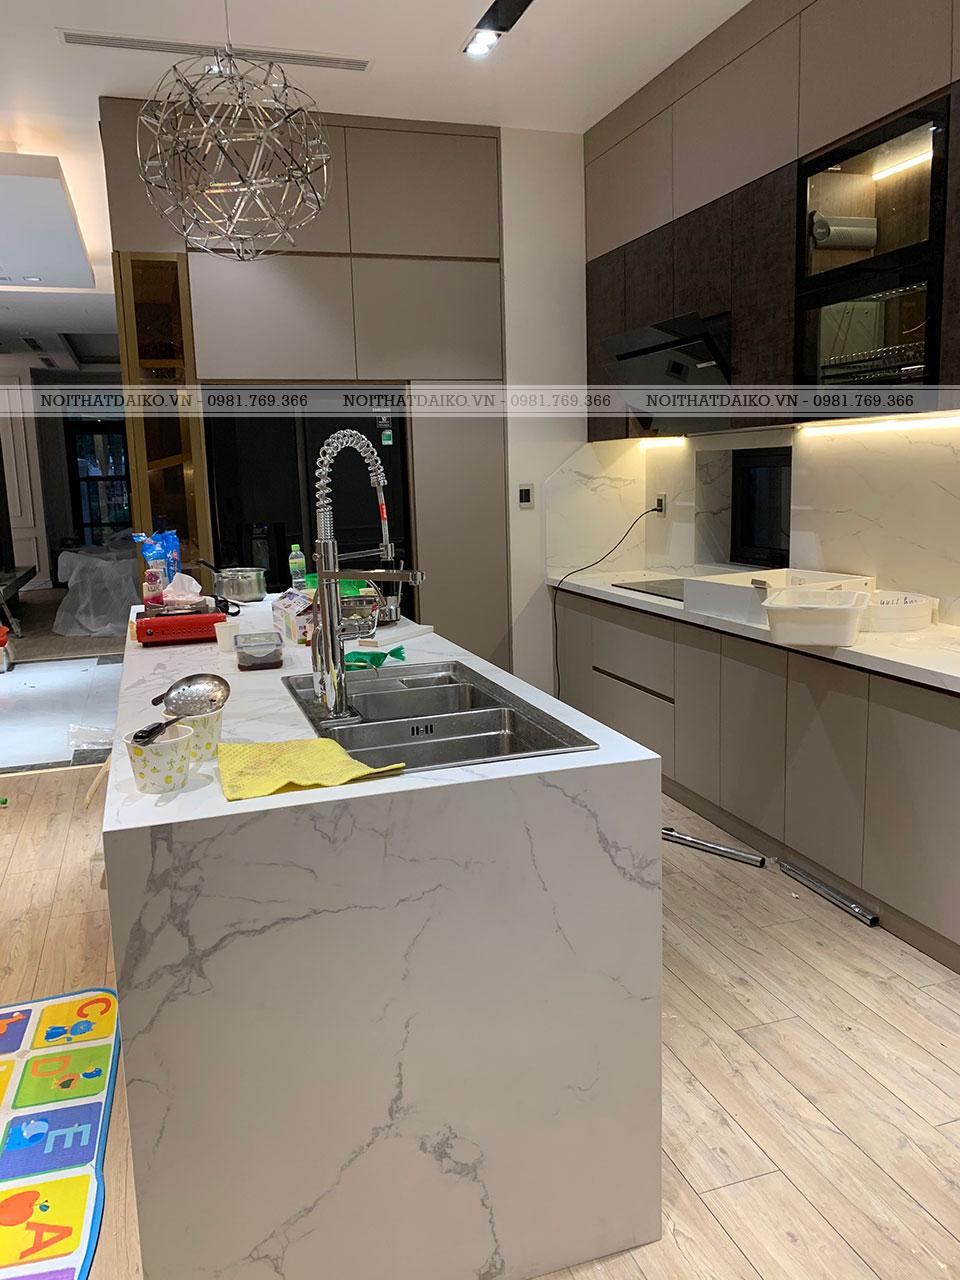 Bàn bếp và tủ bếp nhìn từ góc khác